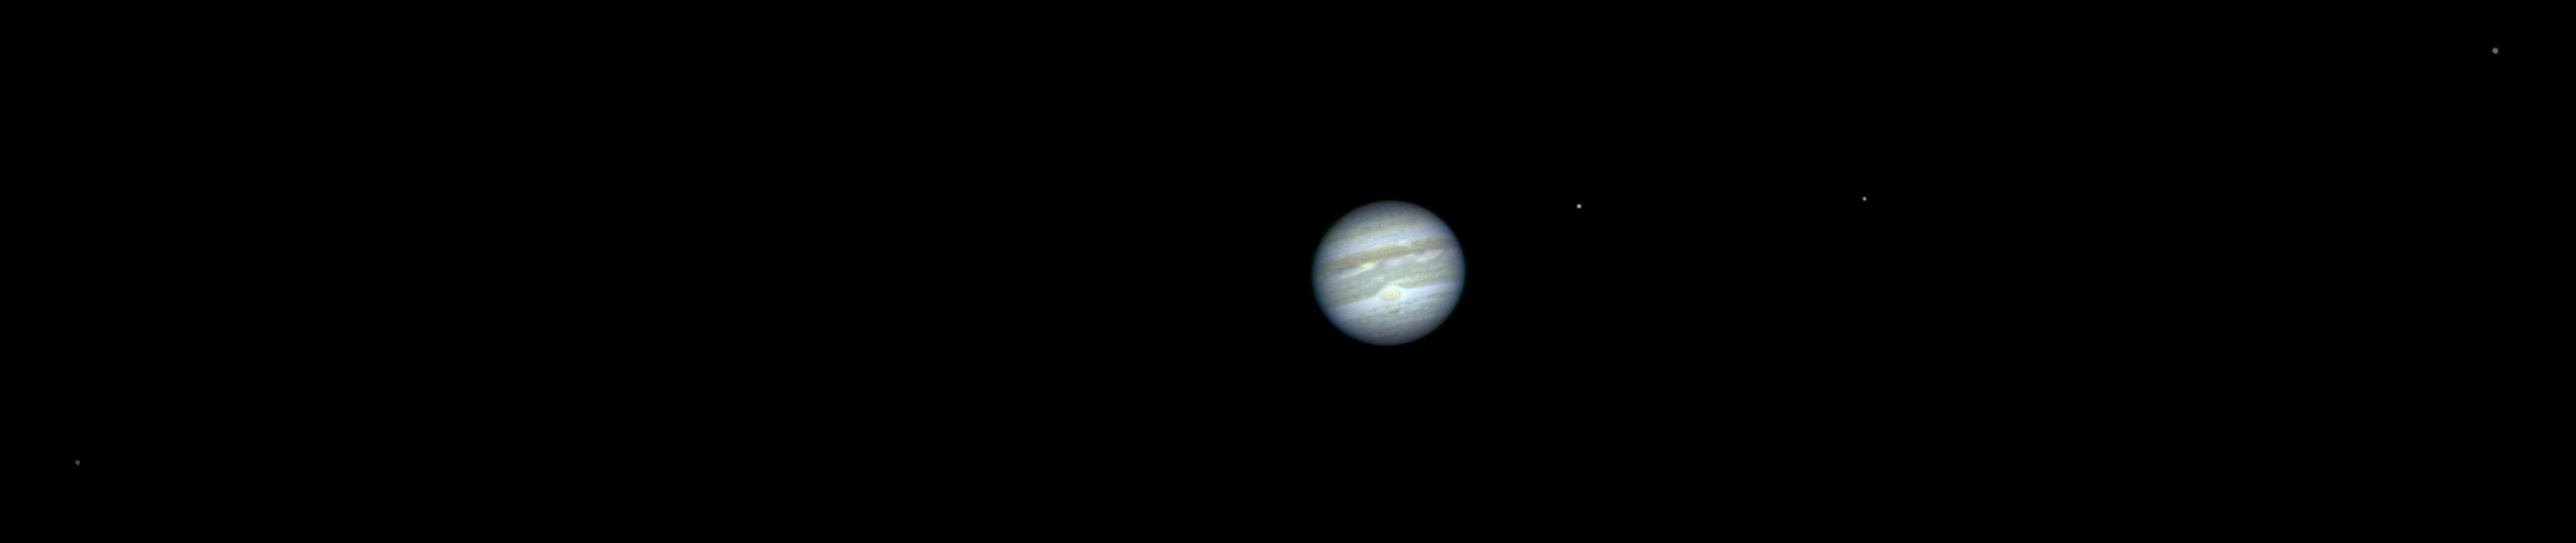 Jupiter et les 4 satellites galiléens vu depuis l'orbite martienne par la caméra HiRISE, le 3 octobre 2007